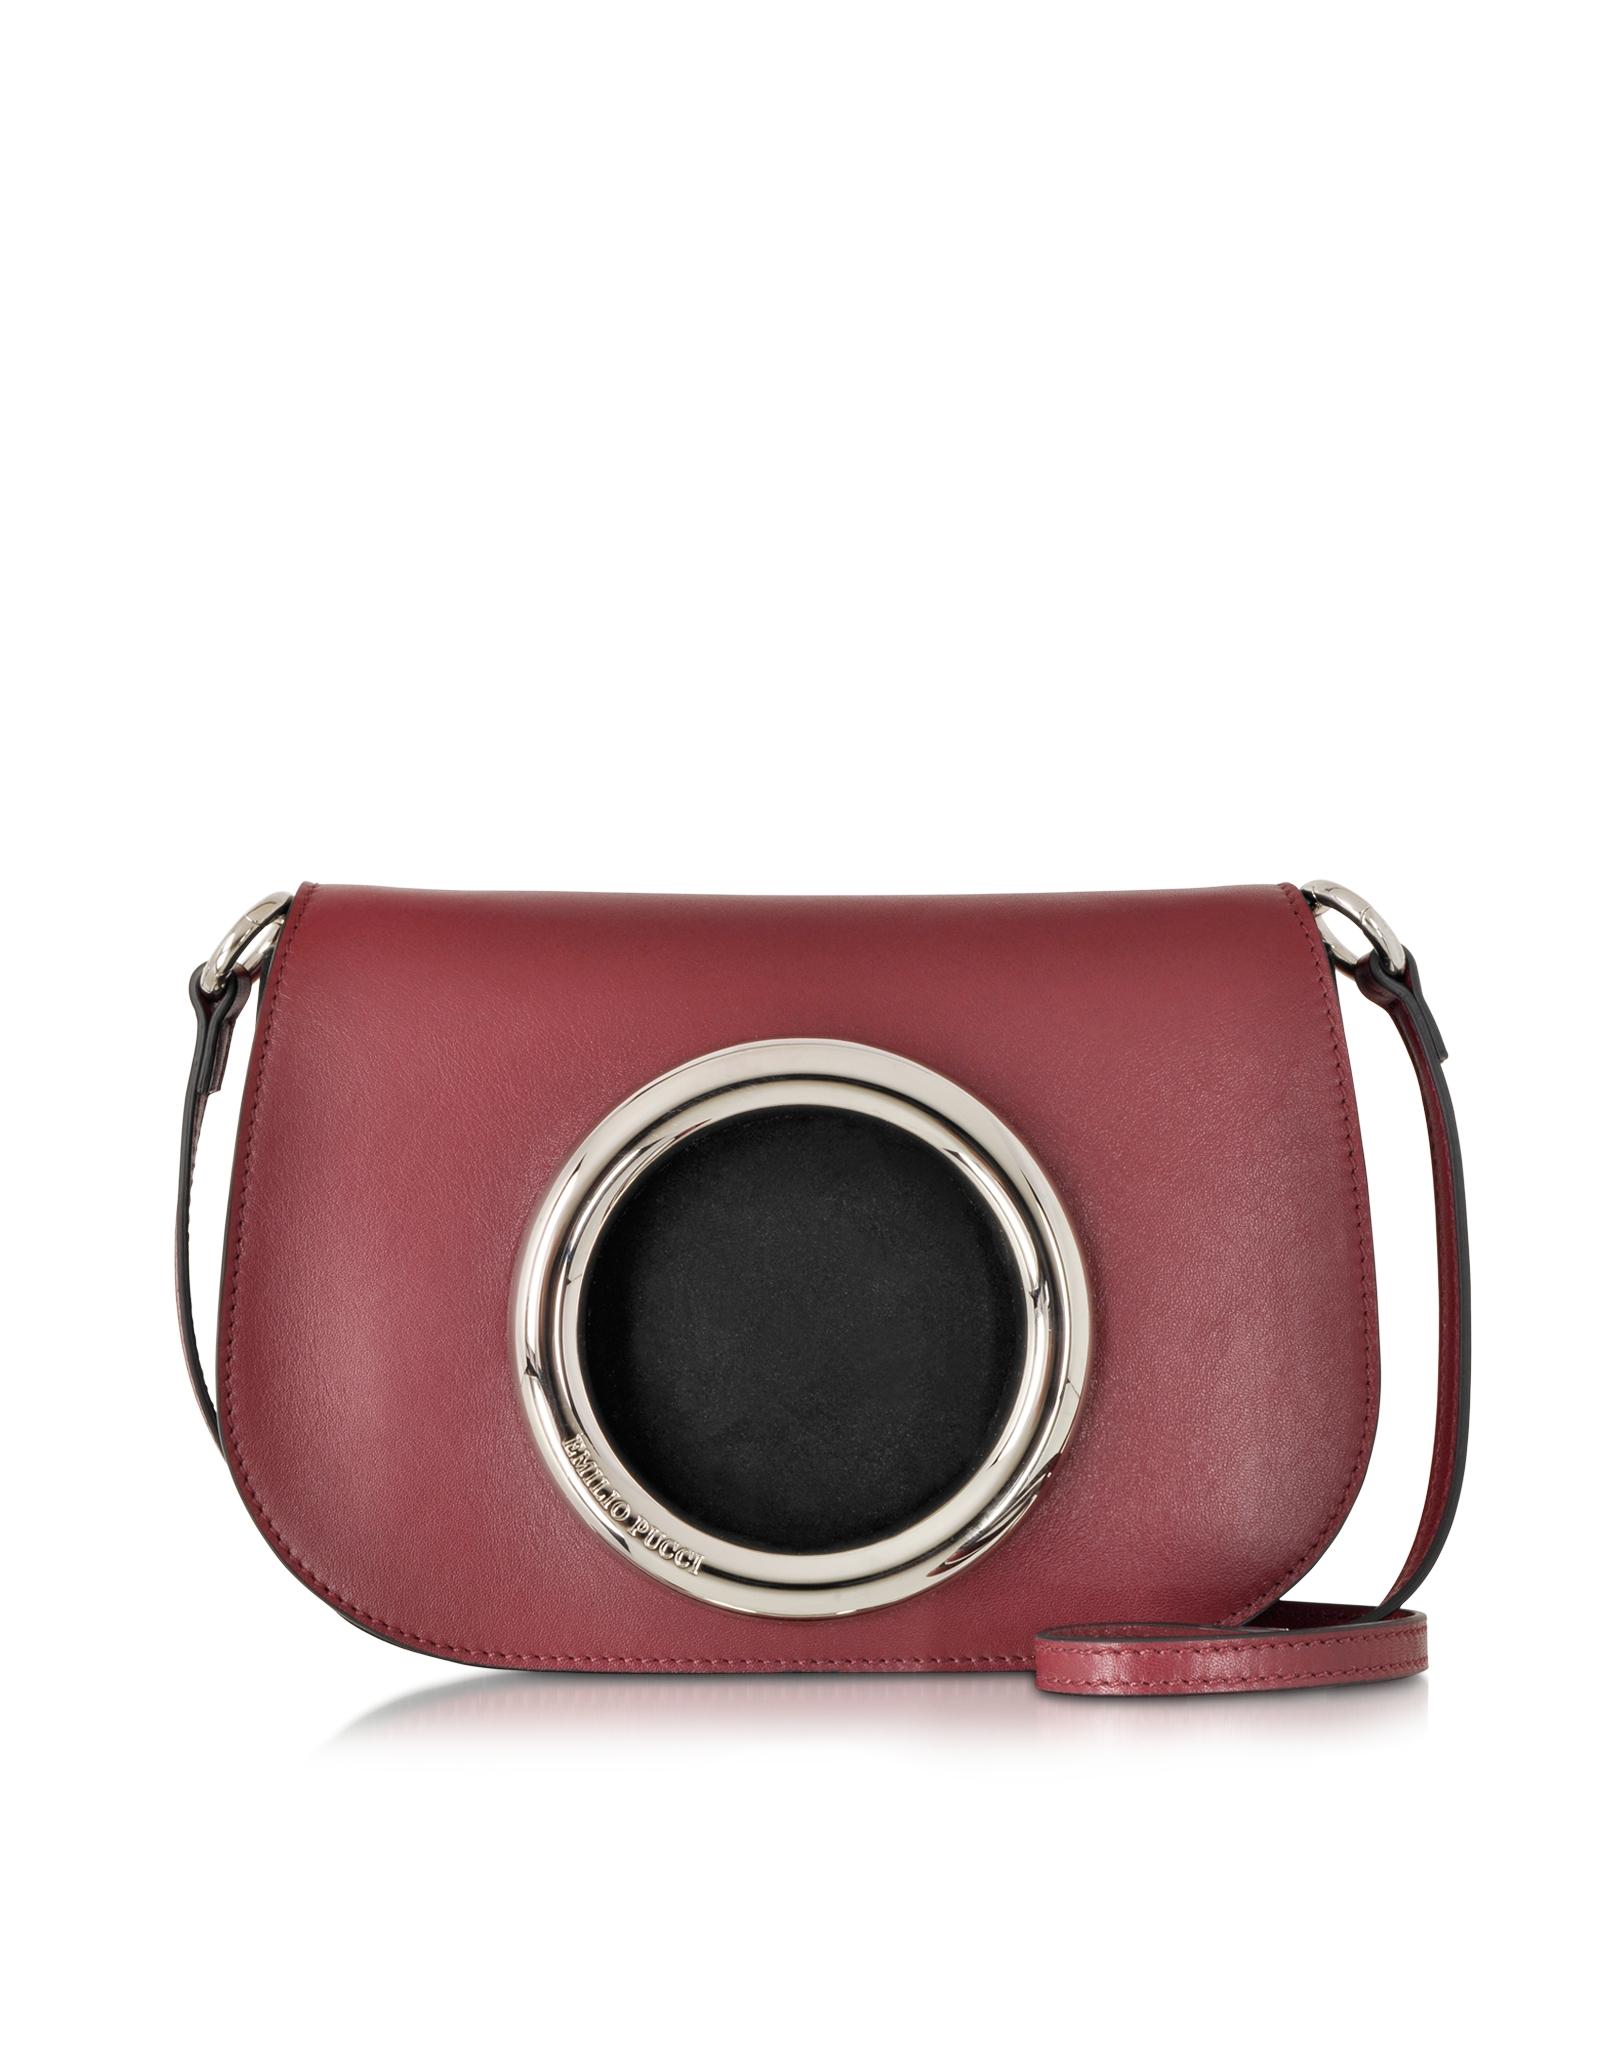 Watch Favorite Sophie Hulme Bags video